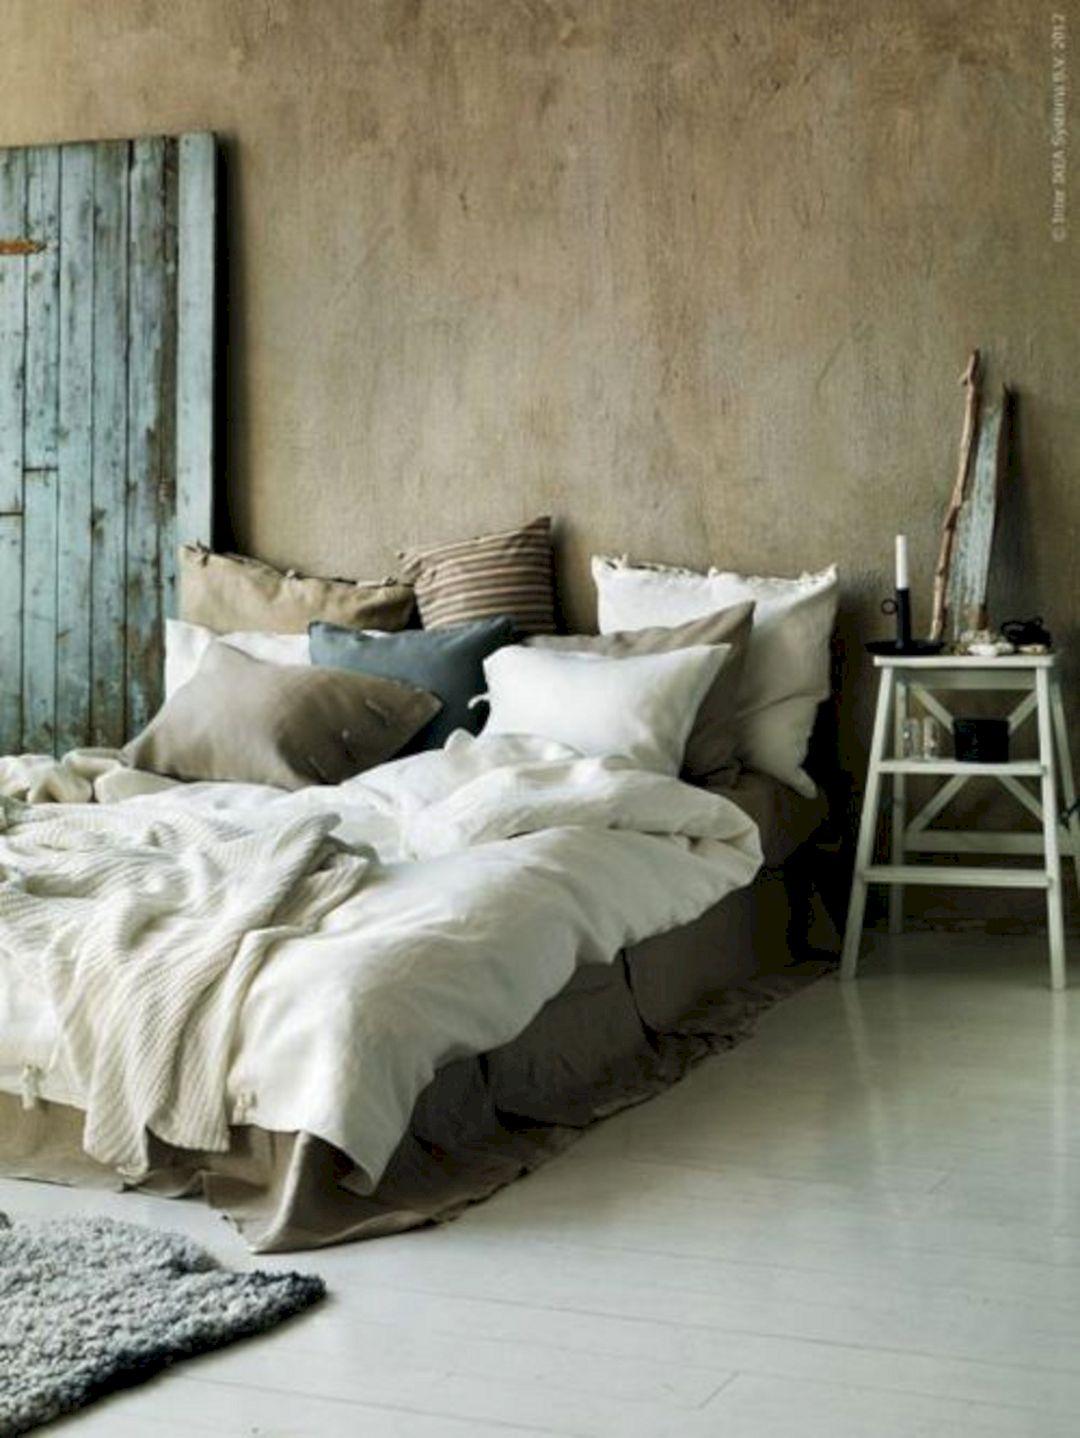 rustic cozy bedroom rustic cozy bedroom design ideas and photos. Black Bedroom Furniture Sets. Home Design Ideas